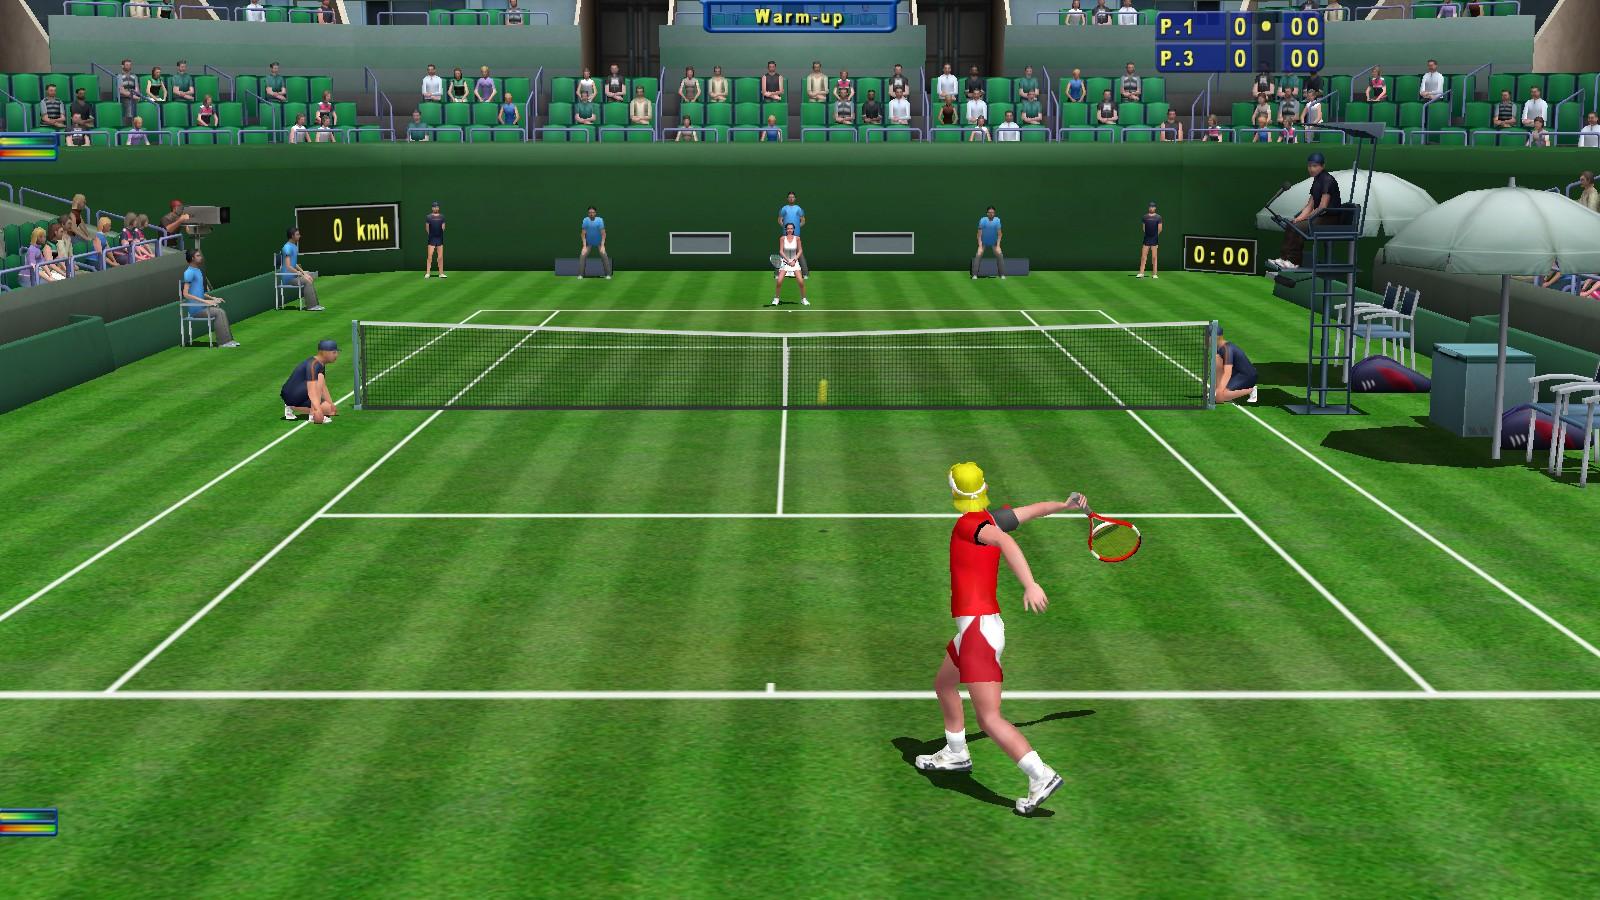 Tải game tennis offline về máy tính